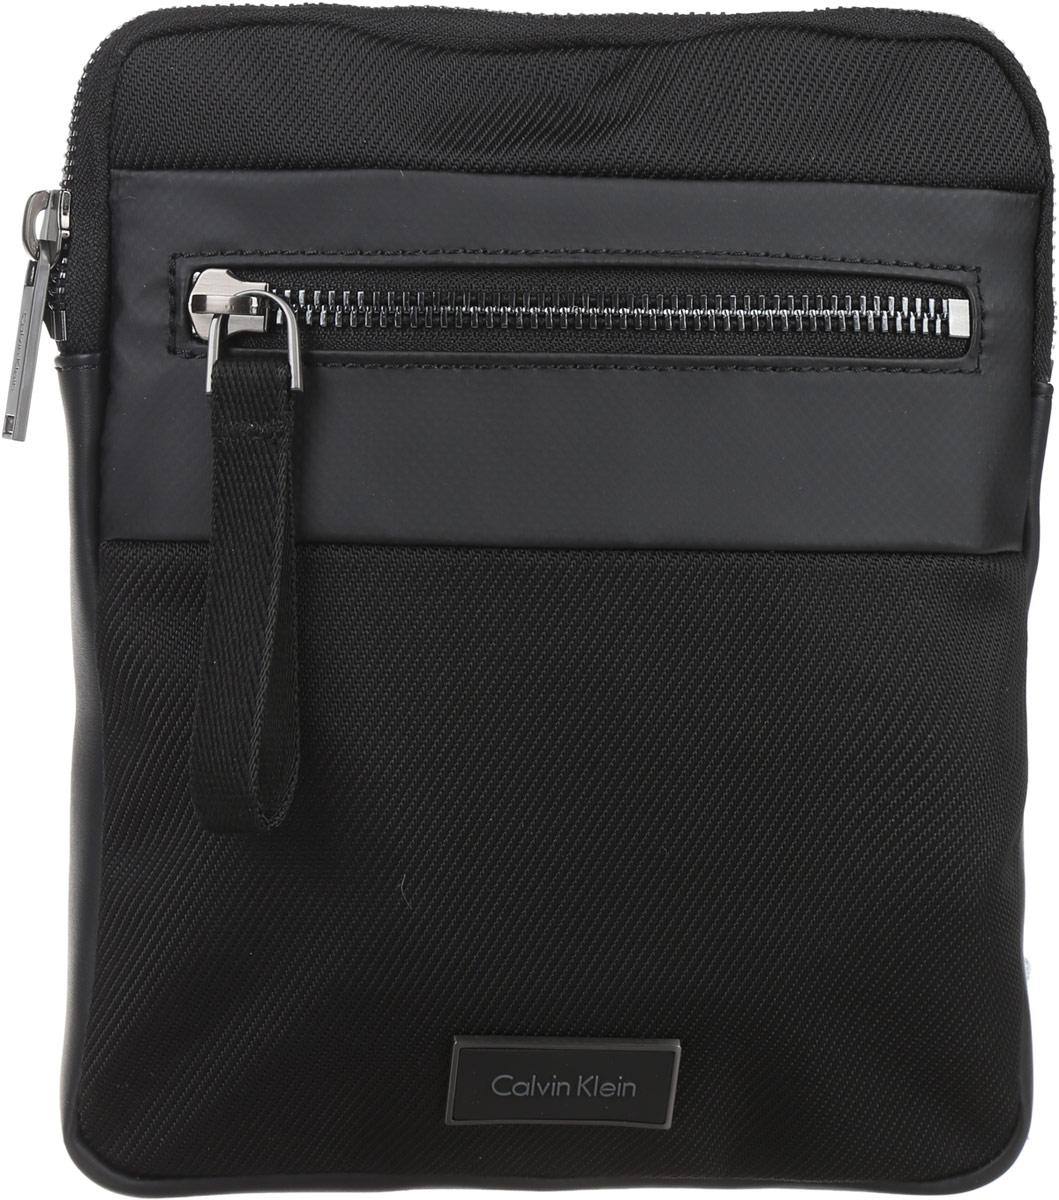 Сумка мужская Calvin Klein Jeans, цвет: черный. K50K502300_0010205065-001Стильная мужская сумка Calvin Klein Jeans выполнена из полиуретана, полиамида и полиэстера. Изделие имеет одно отделение, которое закрывается на застежку-молнию. Внутри сумки расположен мягкий карман для планшета. Снаружи, на передней стенке находится прорезной карман на застежке-молнии. Сумка оснащена текстильным плечевым ремнем, который регулируется по длине.Стильная сумка идеально подчеркнет ваш неповторимый стиль.